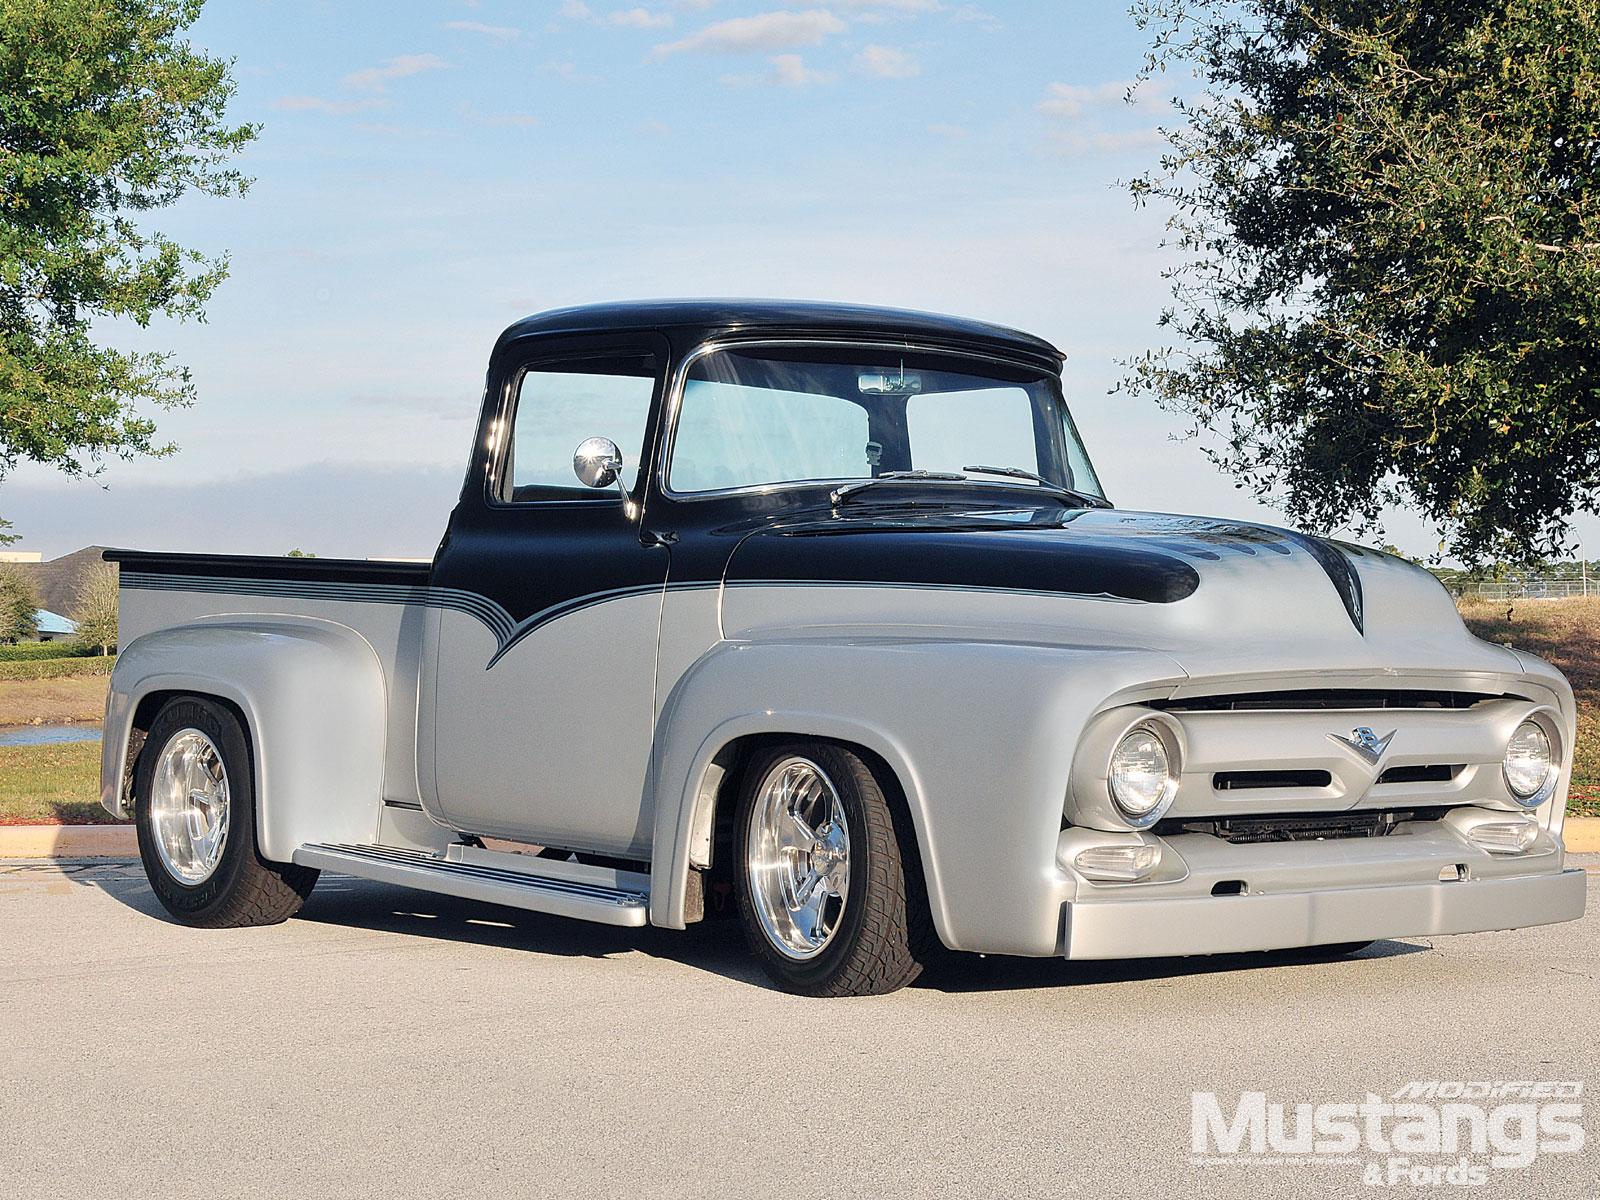 1956 Ford Truck Ford Pickup Sun Visor BLACK